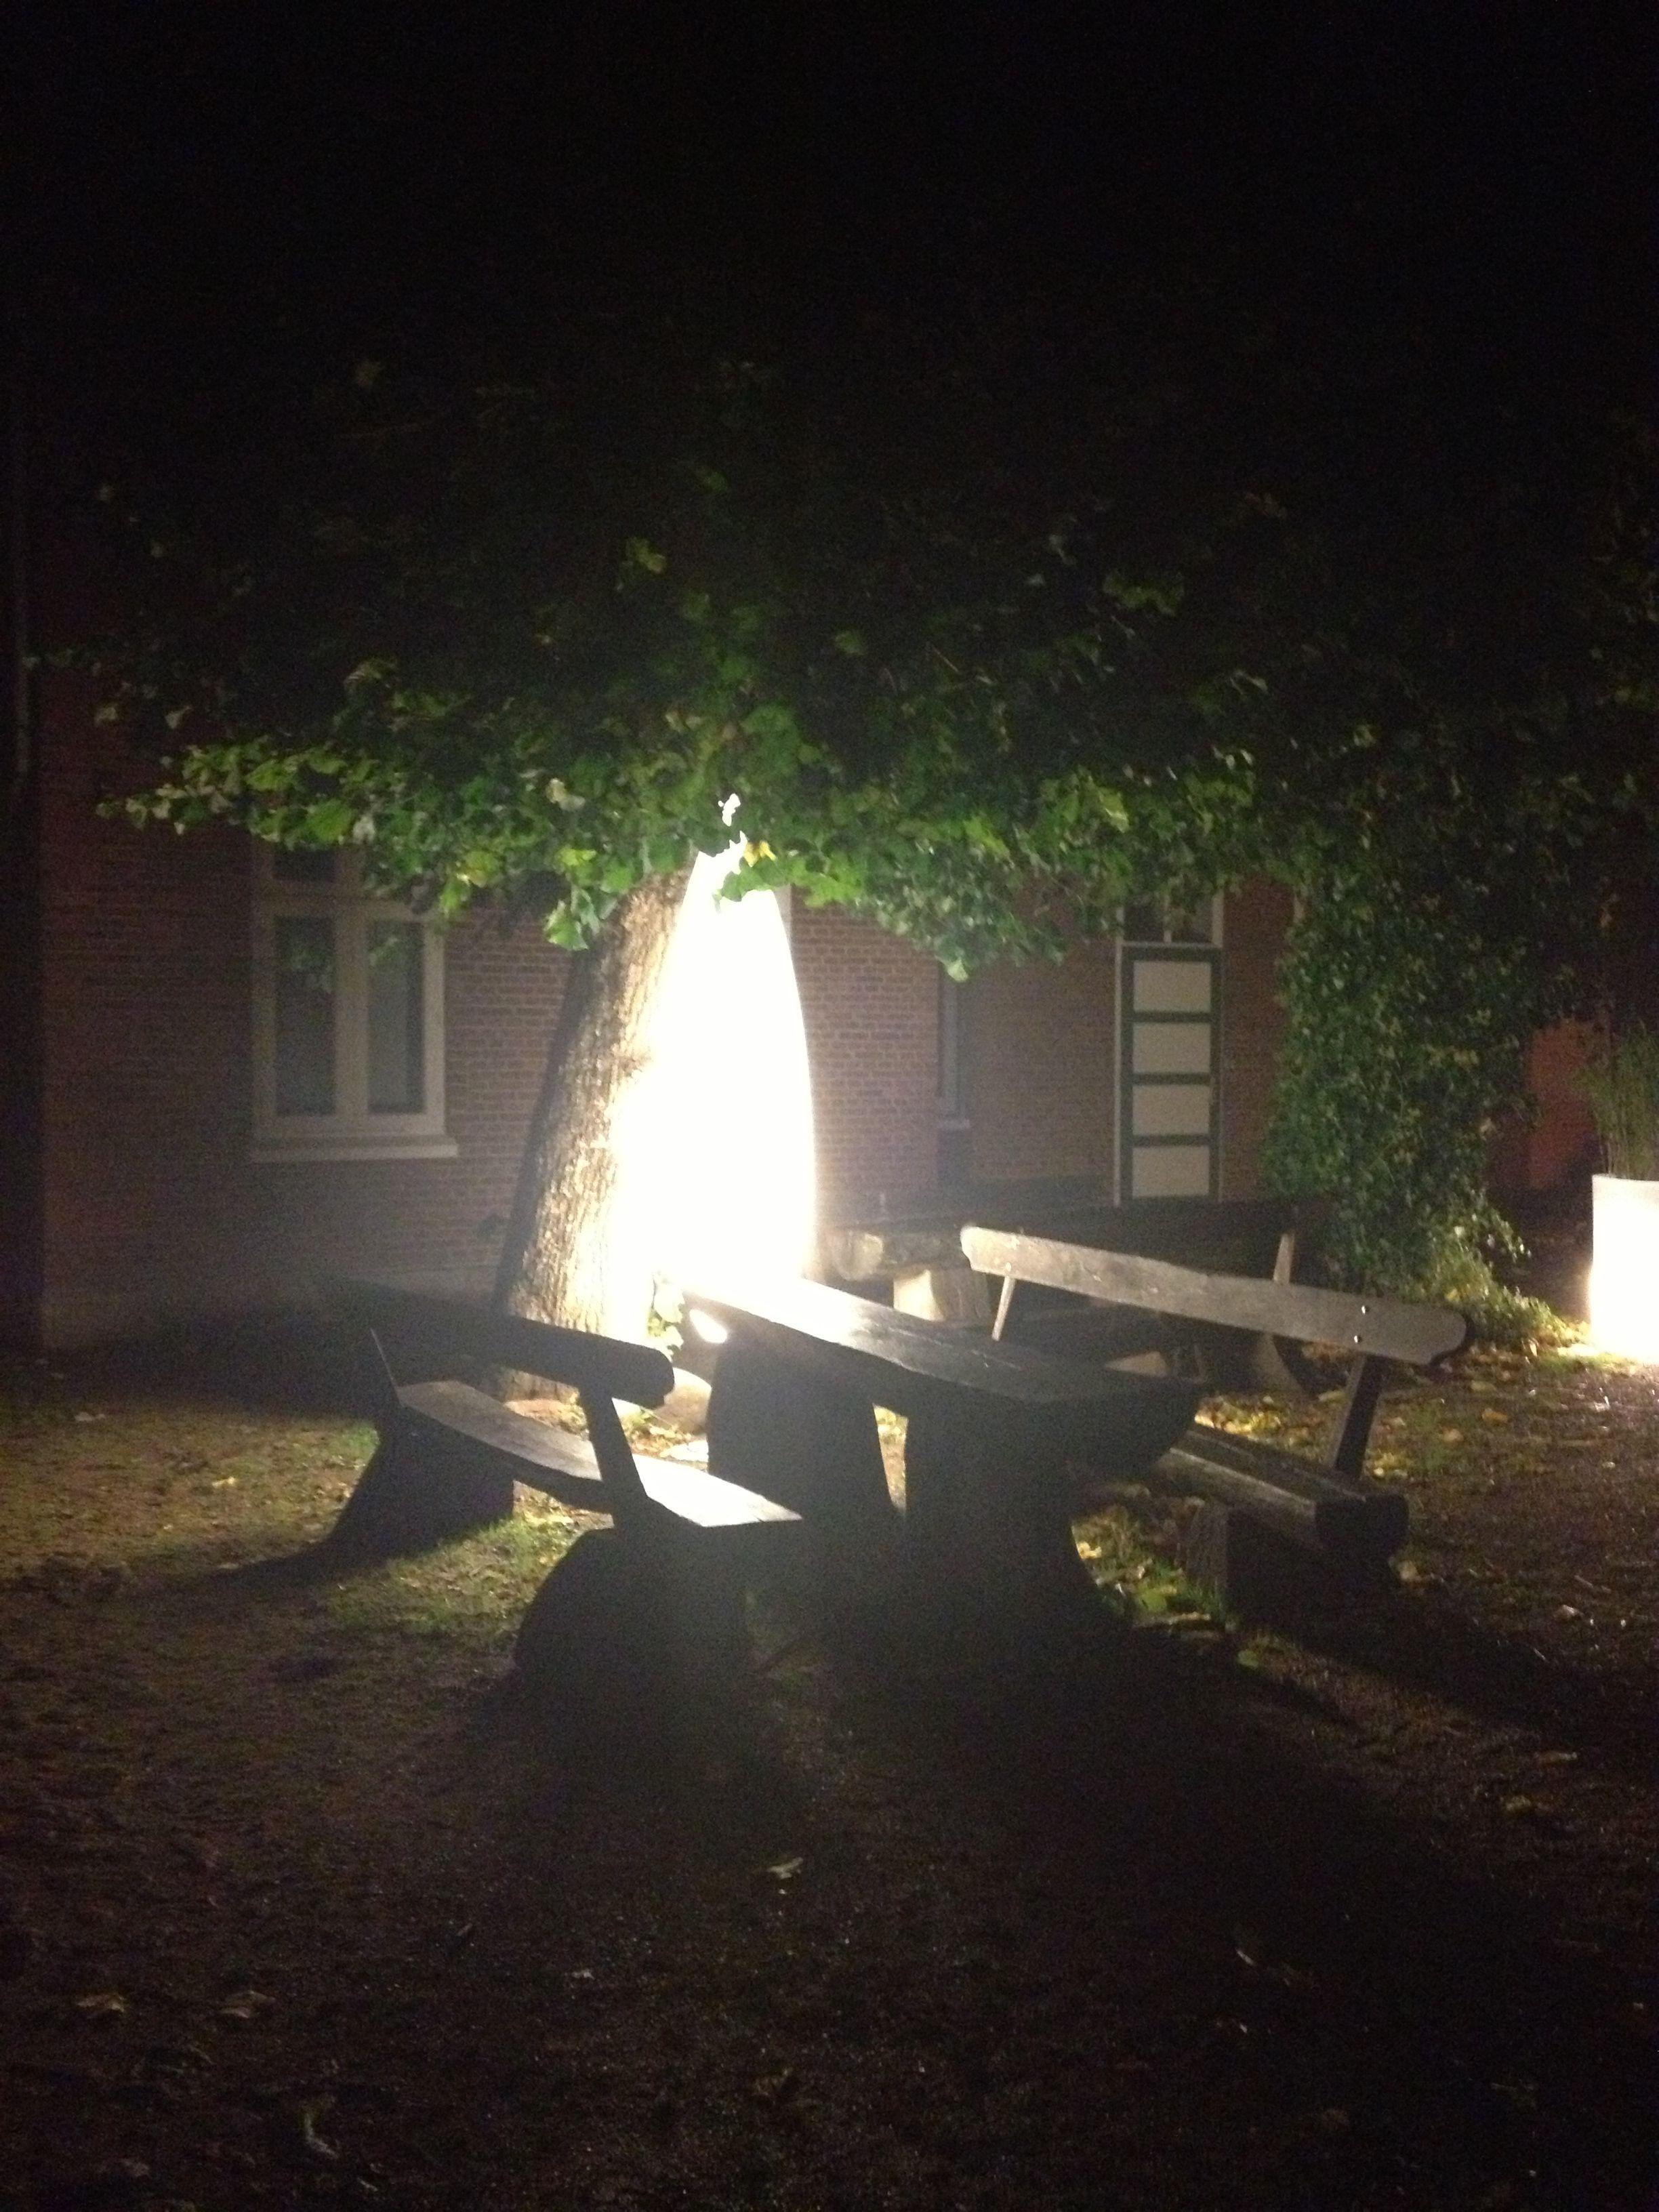 Leuchtobjekte Als Besondere Dekoration Für Terrasse, Garten Oder Balkon.